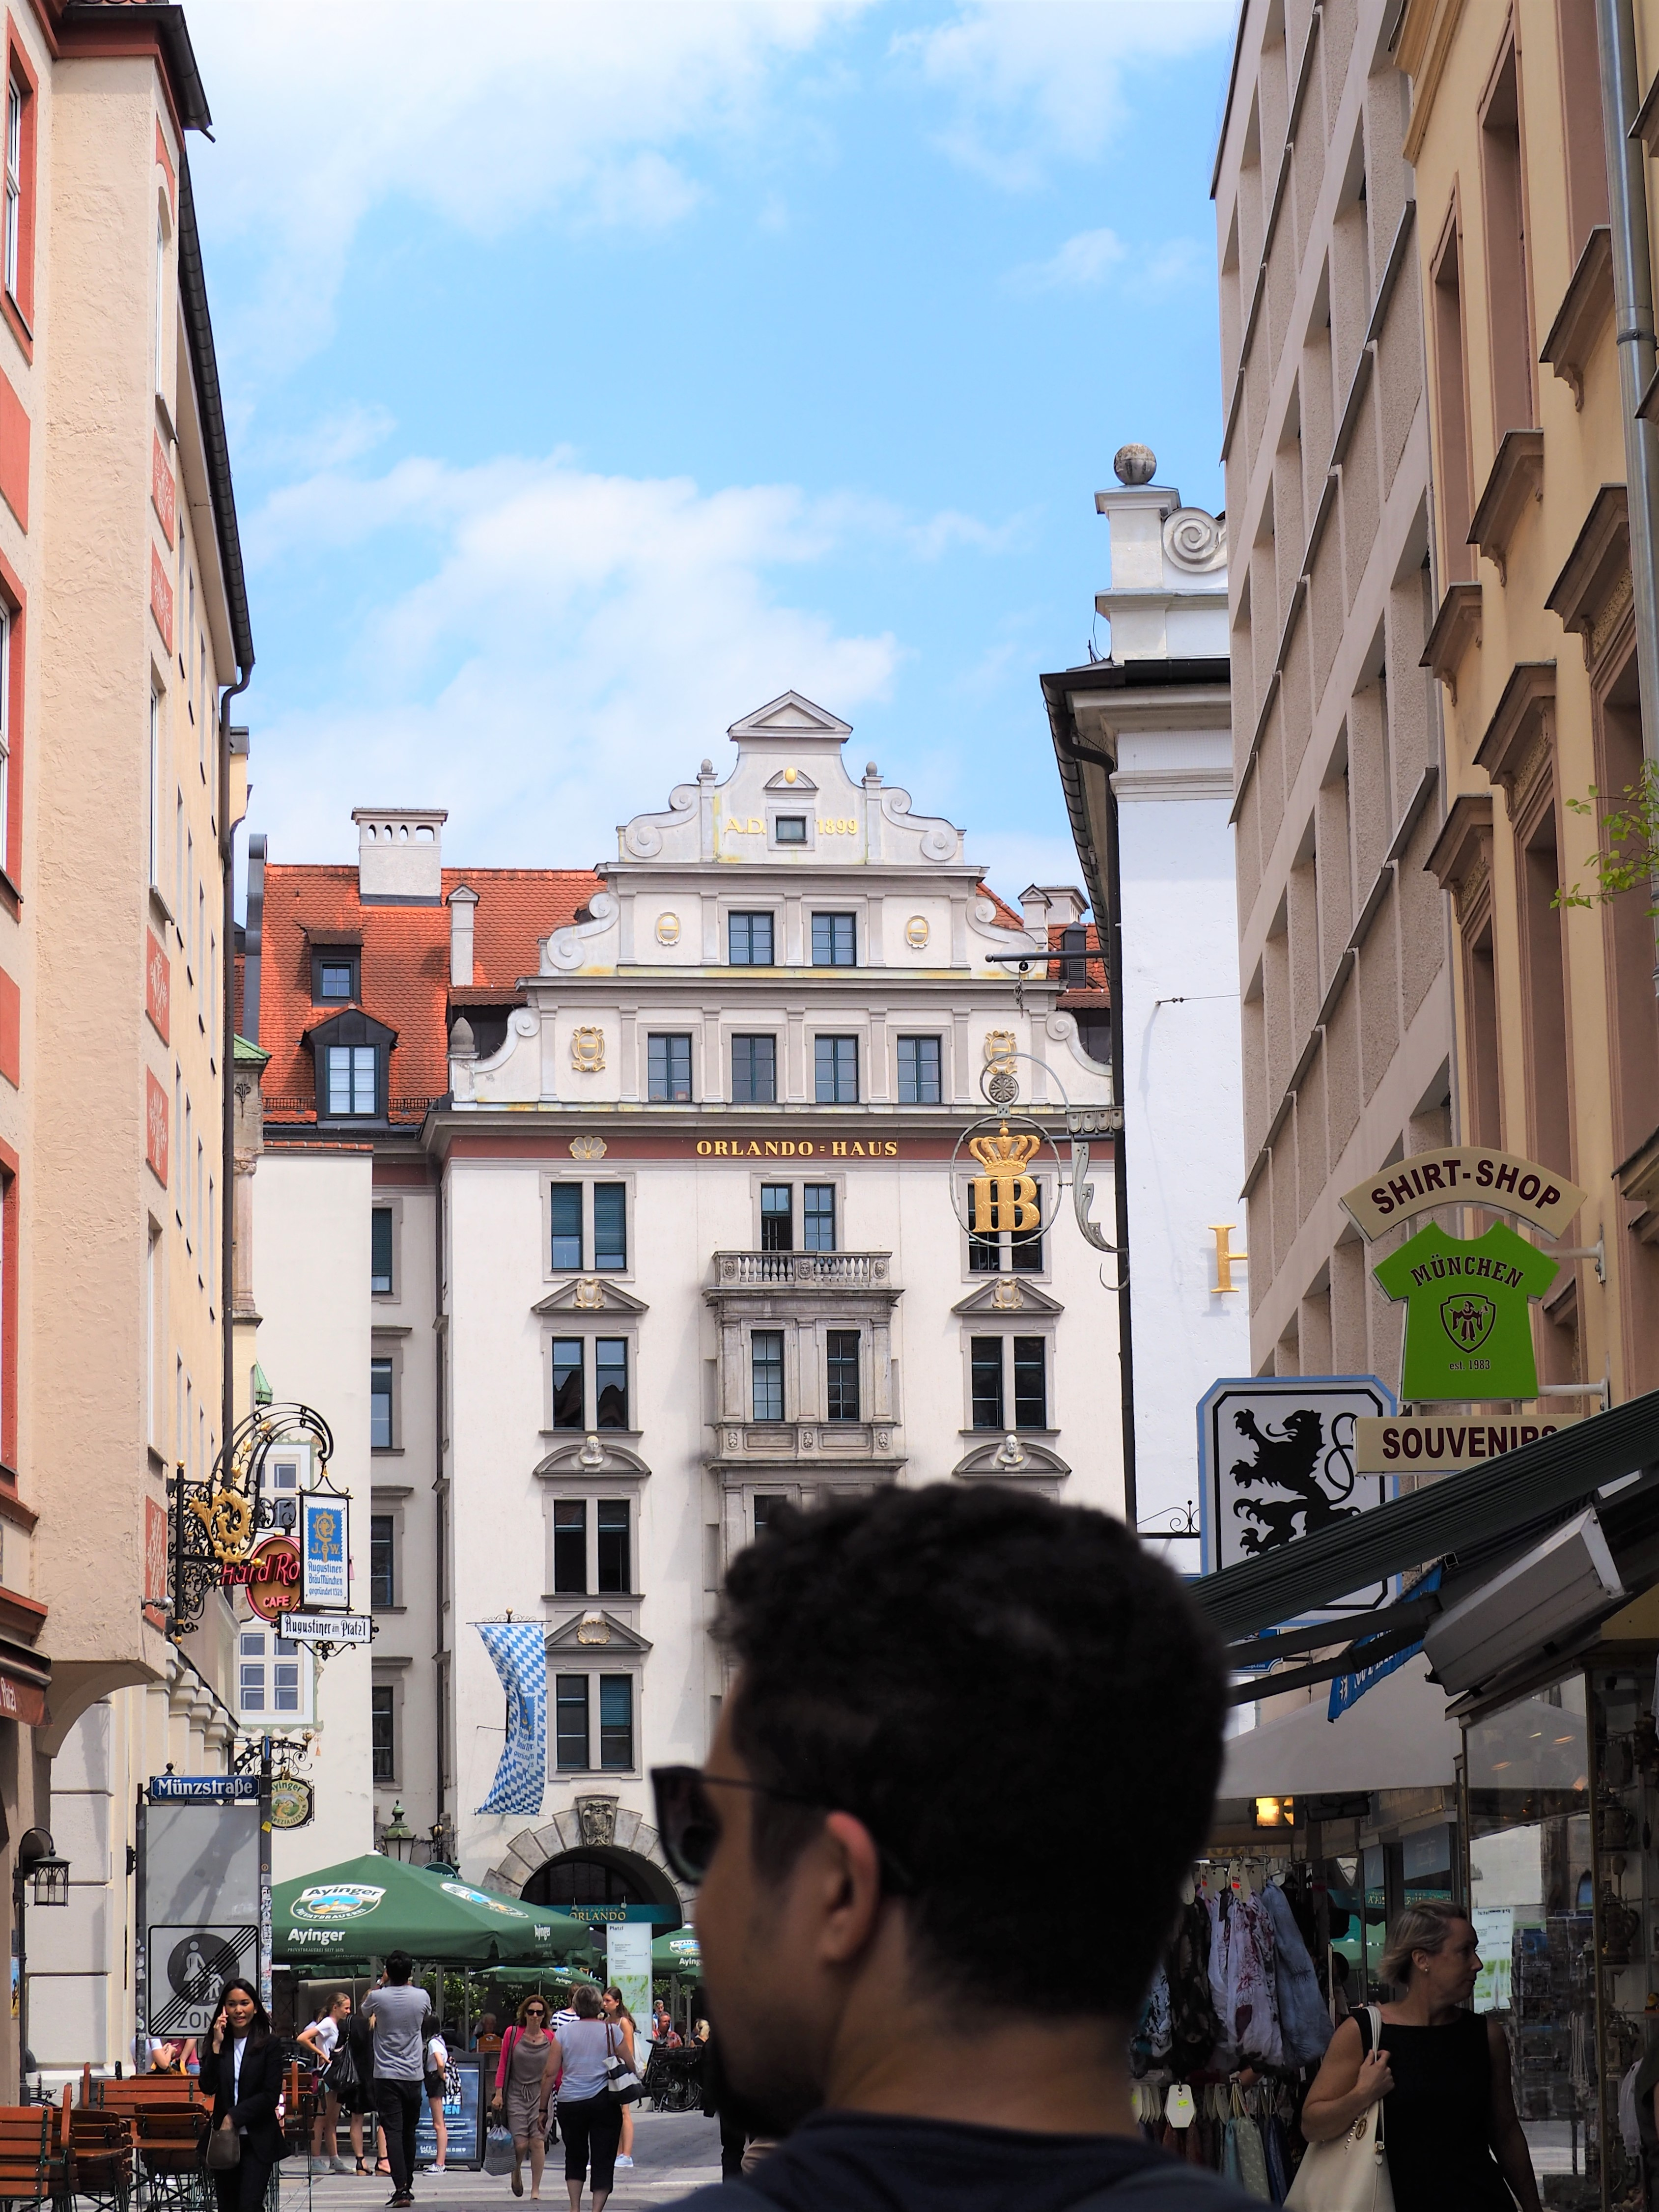 rue-de-munich-brasserie-Hofbrauhaus-biergarten.jpg